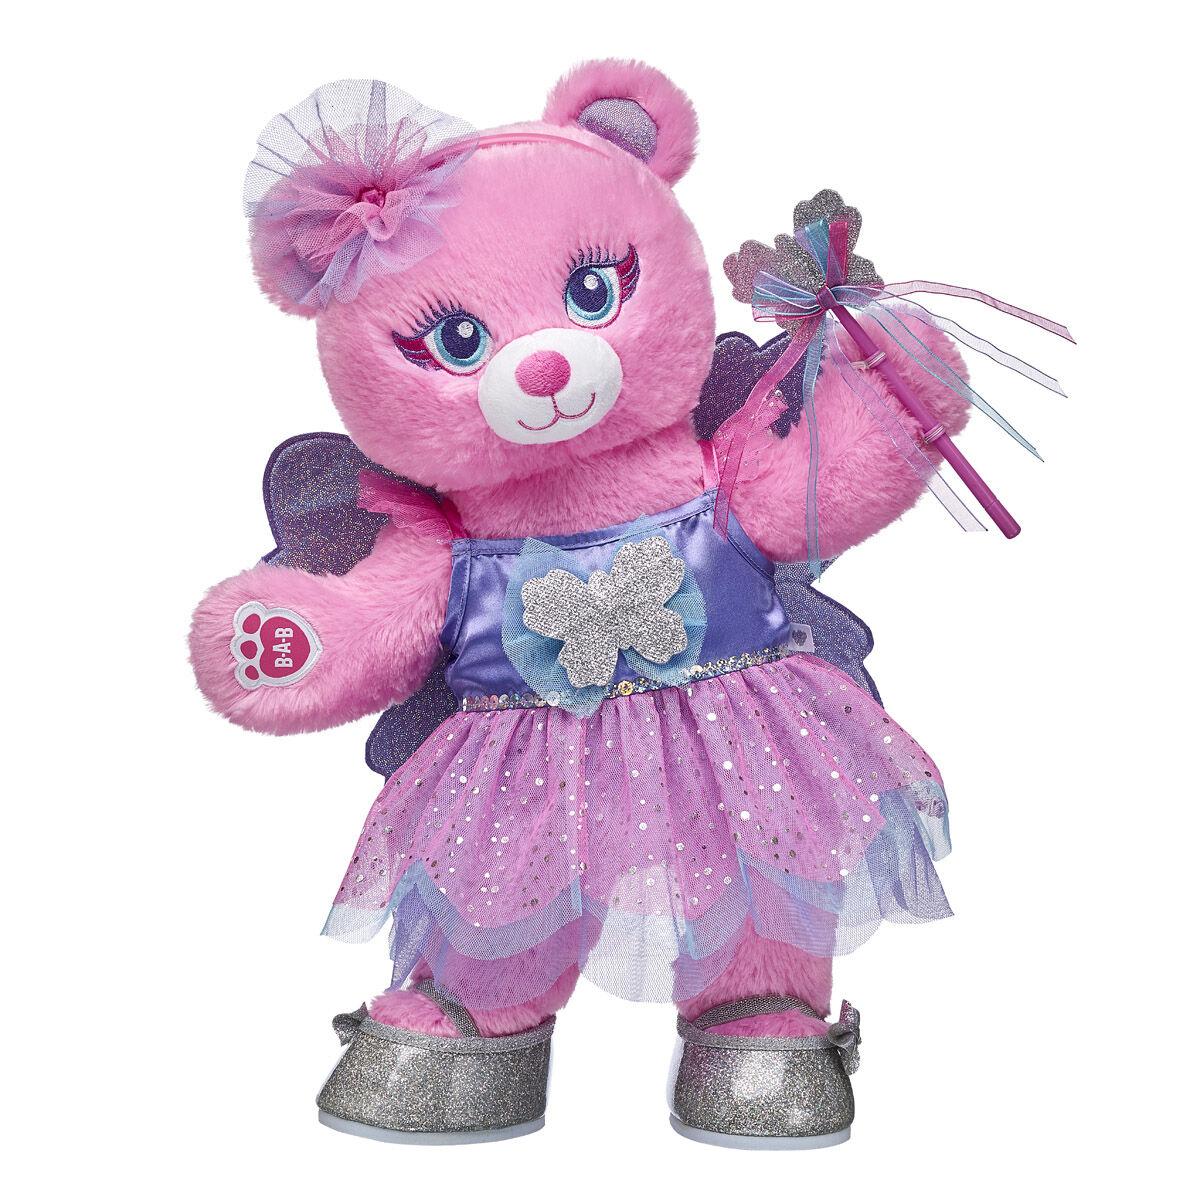 Build A Bear Workshop Wedding Dress Set 3 pc. Build-a-Bear